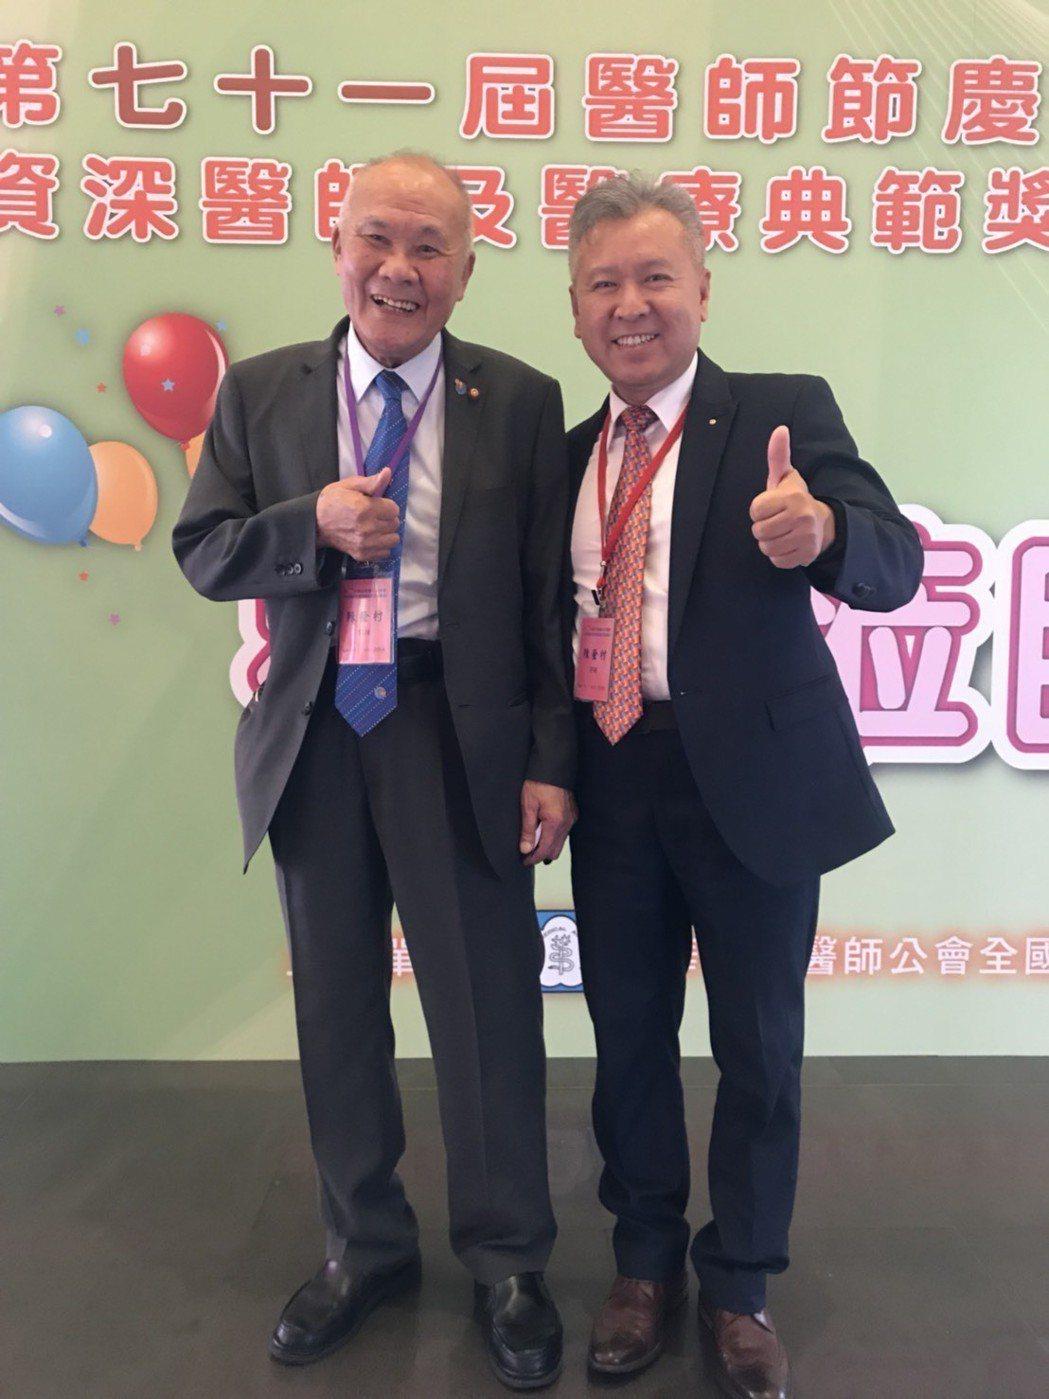 2年前回台的陳奎村(圖左),目前在新北中和區的診所擔任「長春部部長」,一週5天看...